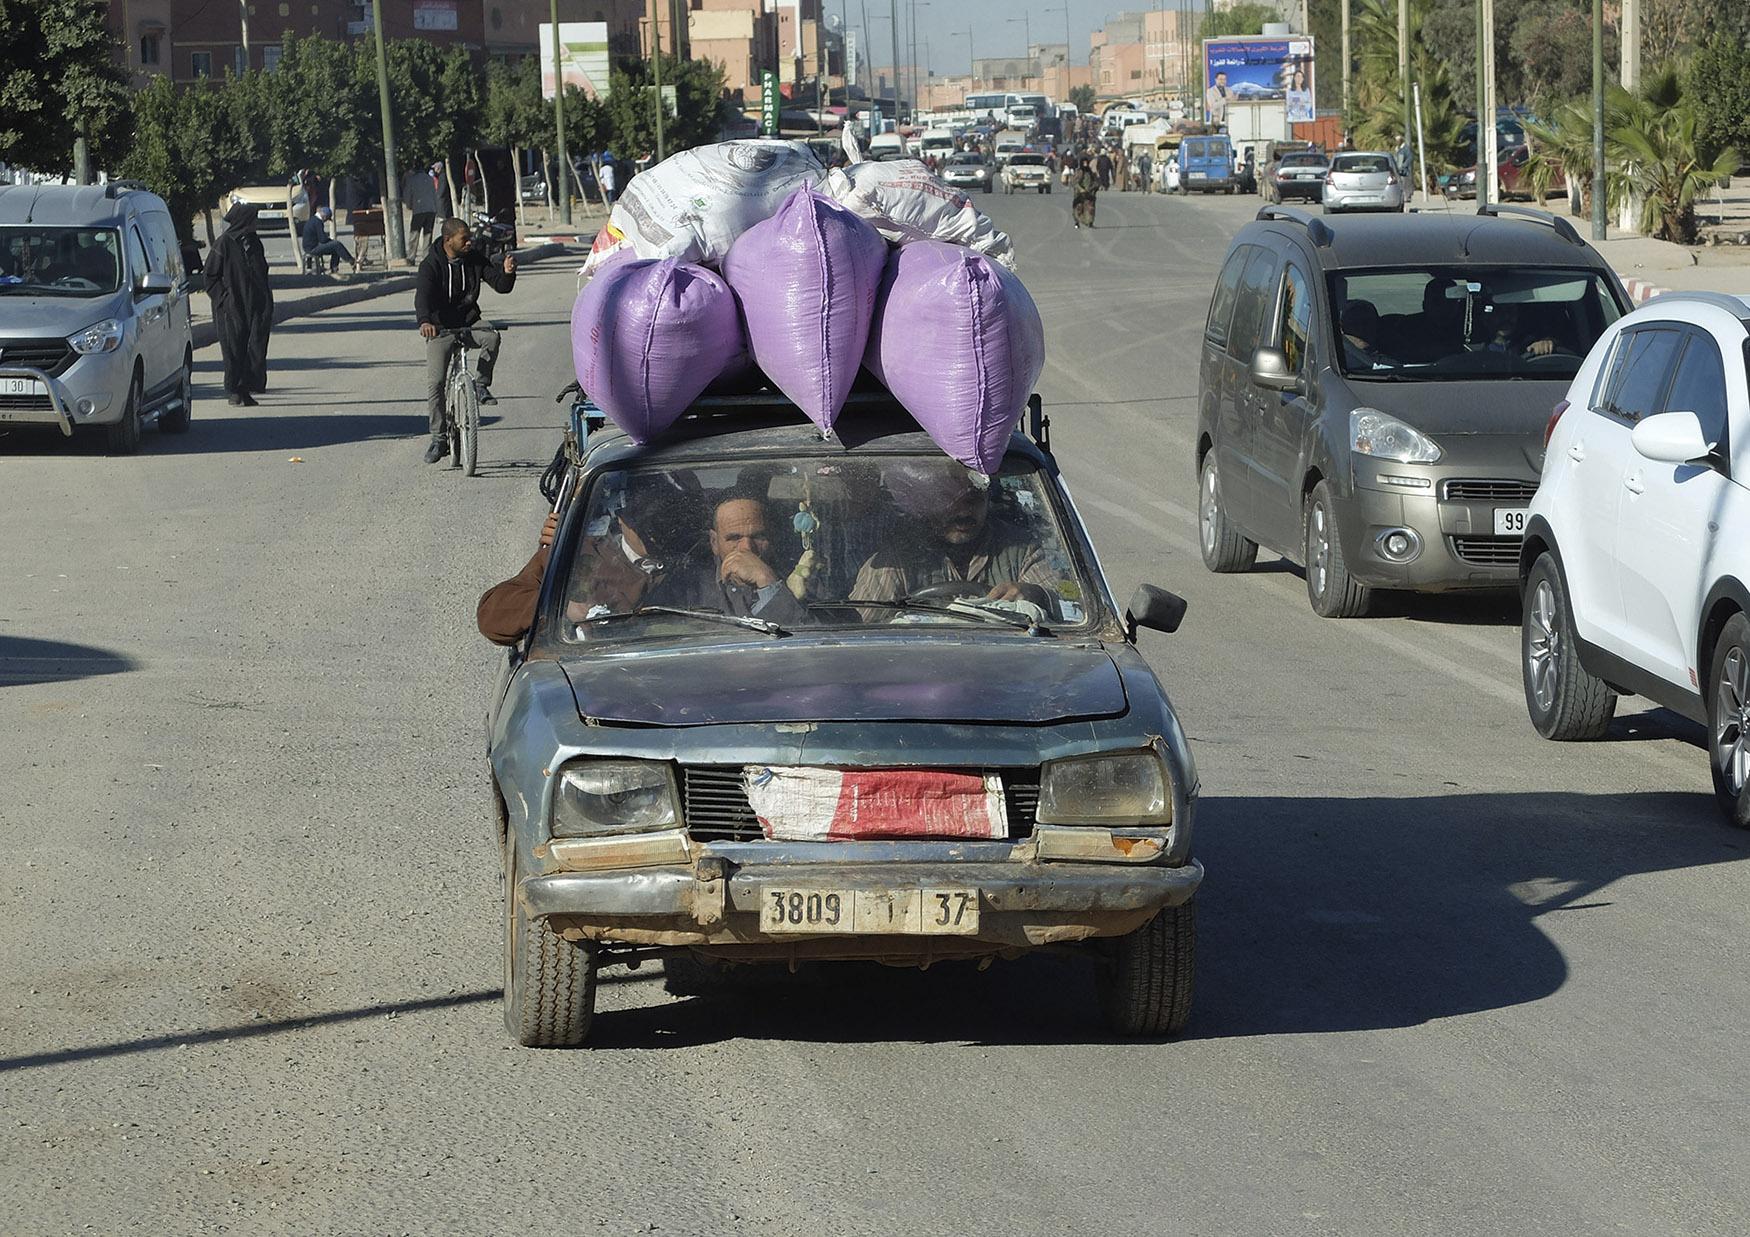 Foto en color de un choche muy cargado y viejo en una carretera de marruecos. Venta online